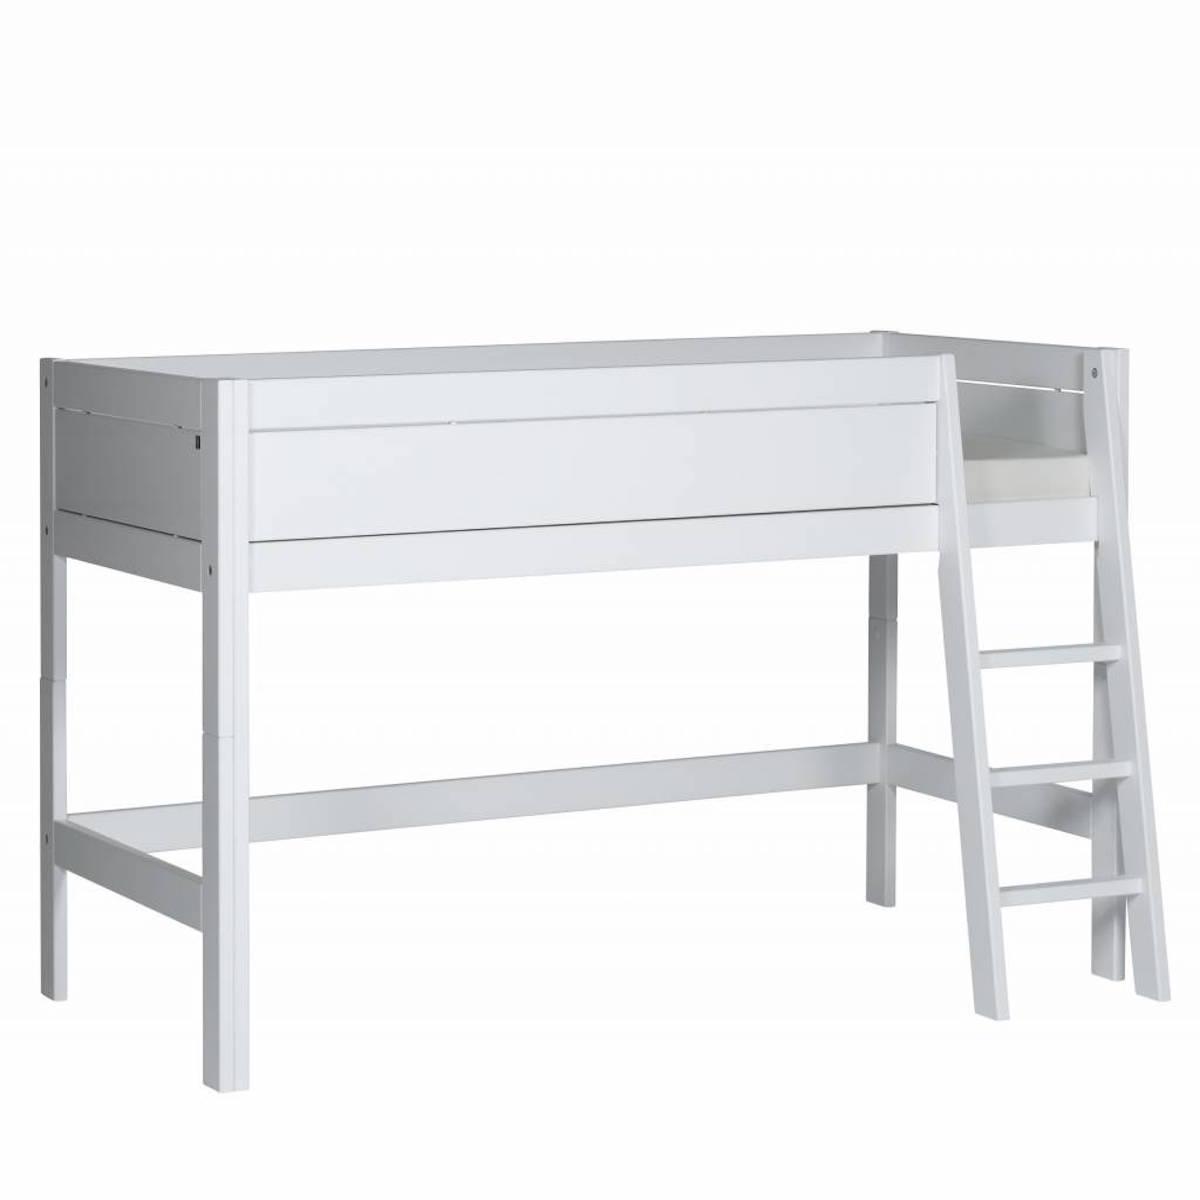 Halbhohes Bett mit Schrägleiter + Rollboden 90x200cmLifetime weiß